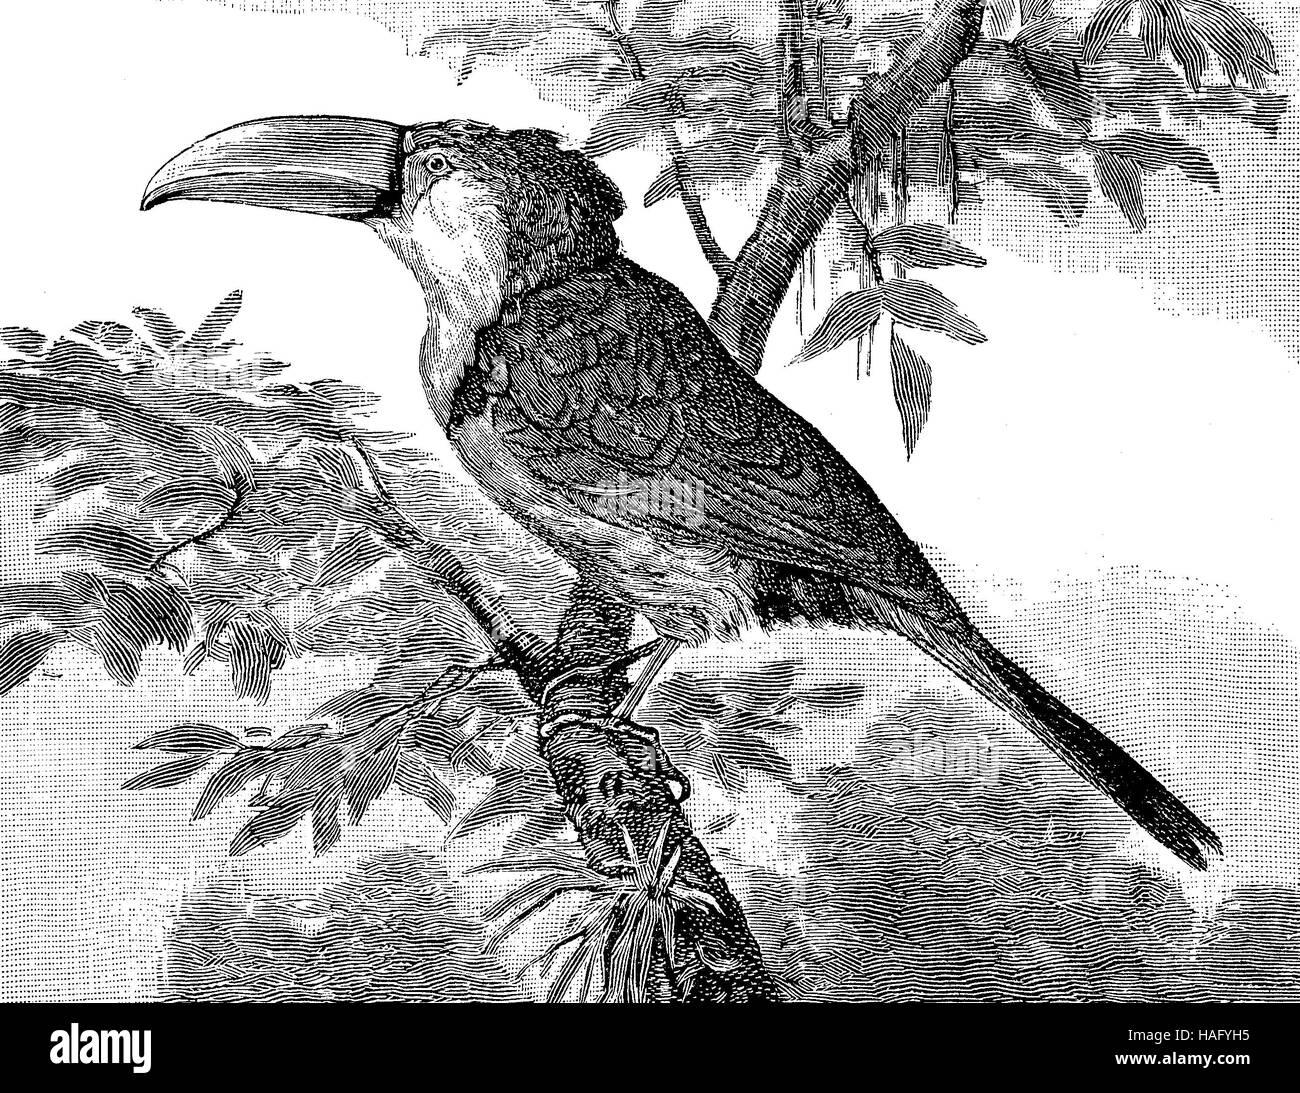 Toucan bird, xilografia a partire dall'anno 1880 Immagini Stock